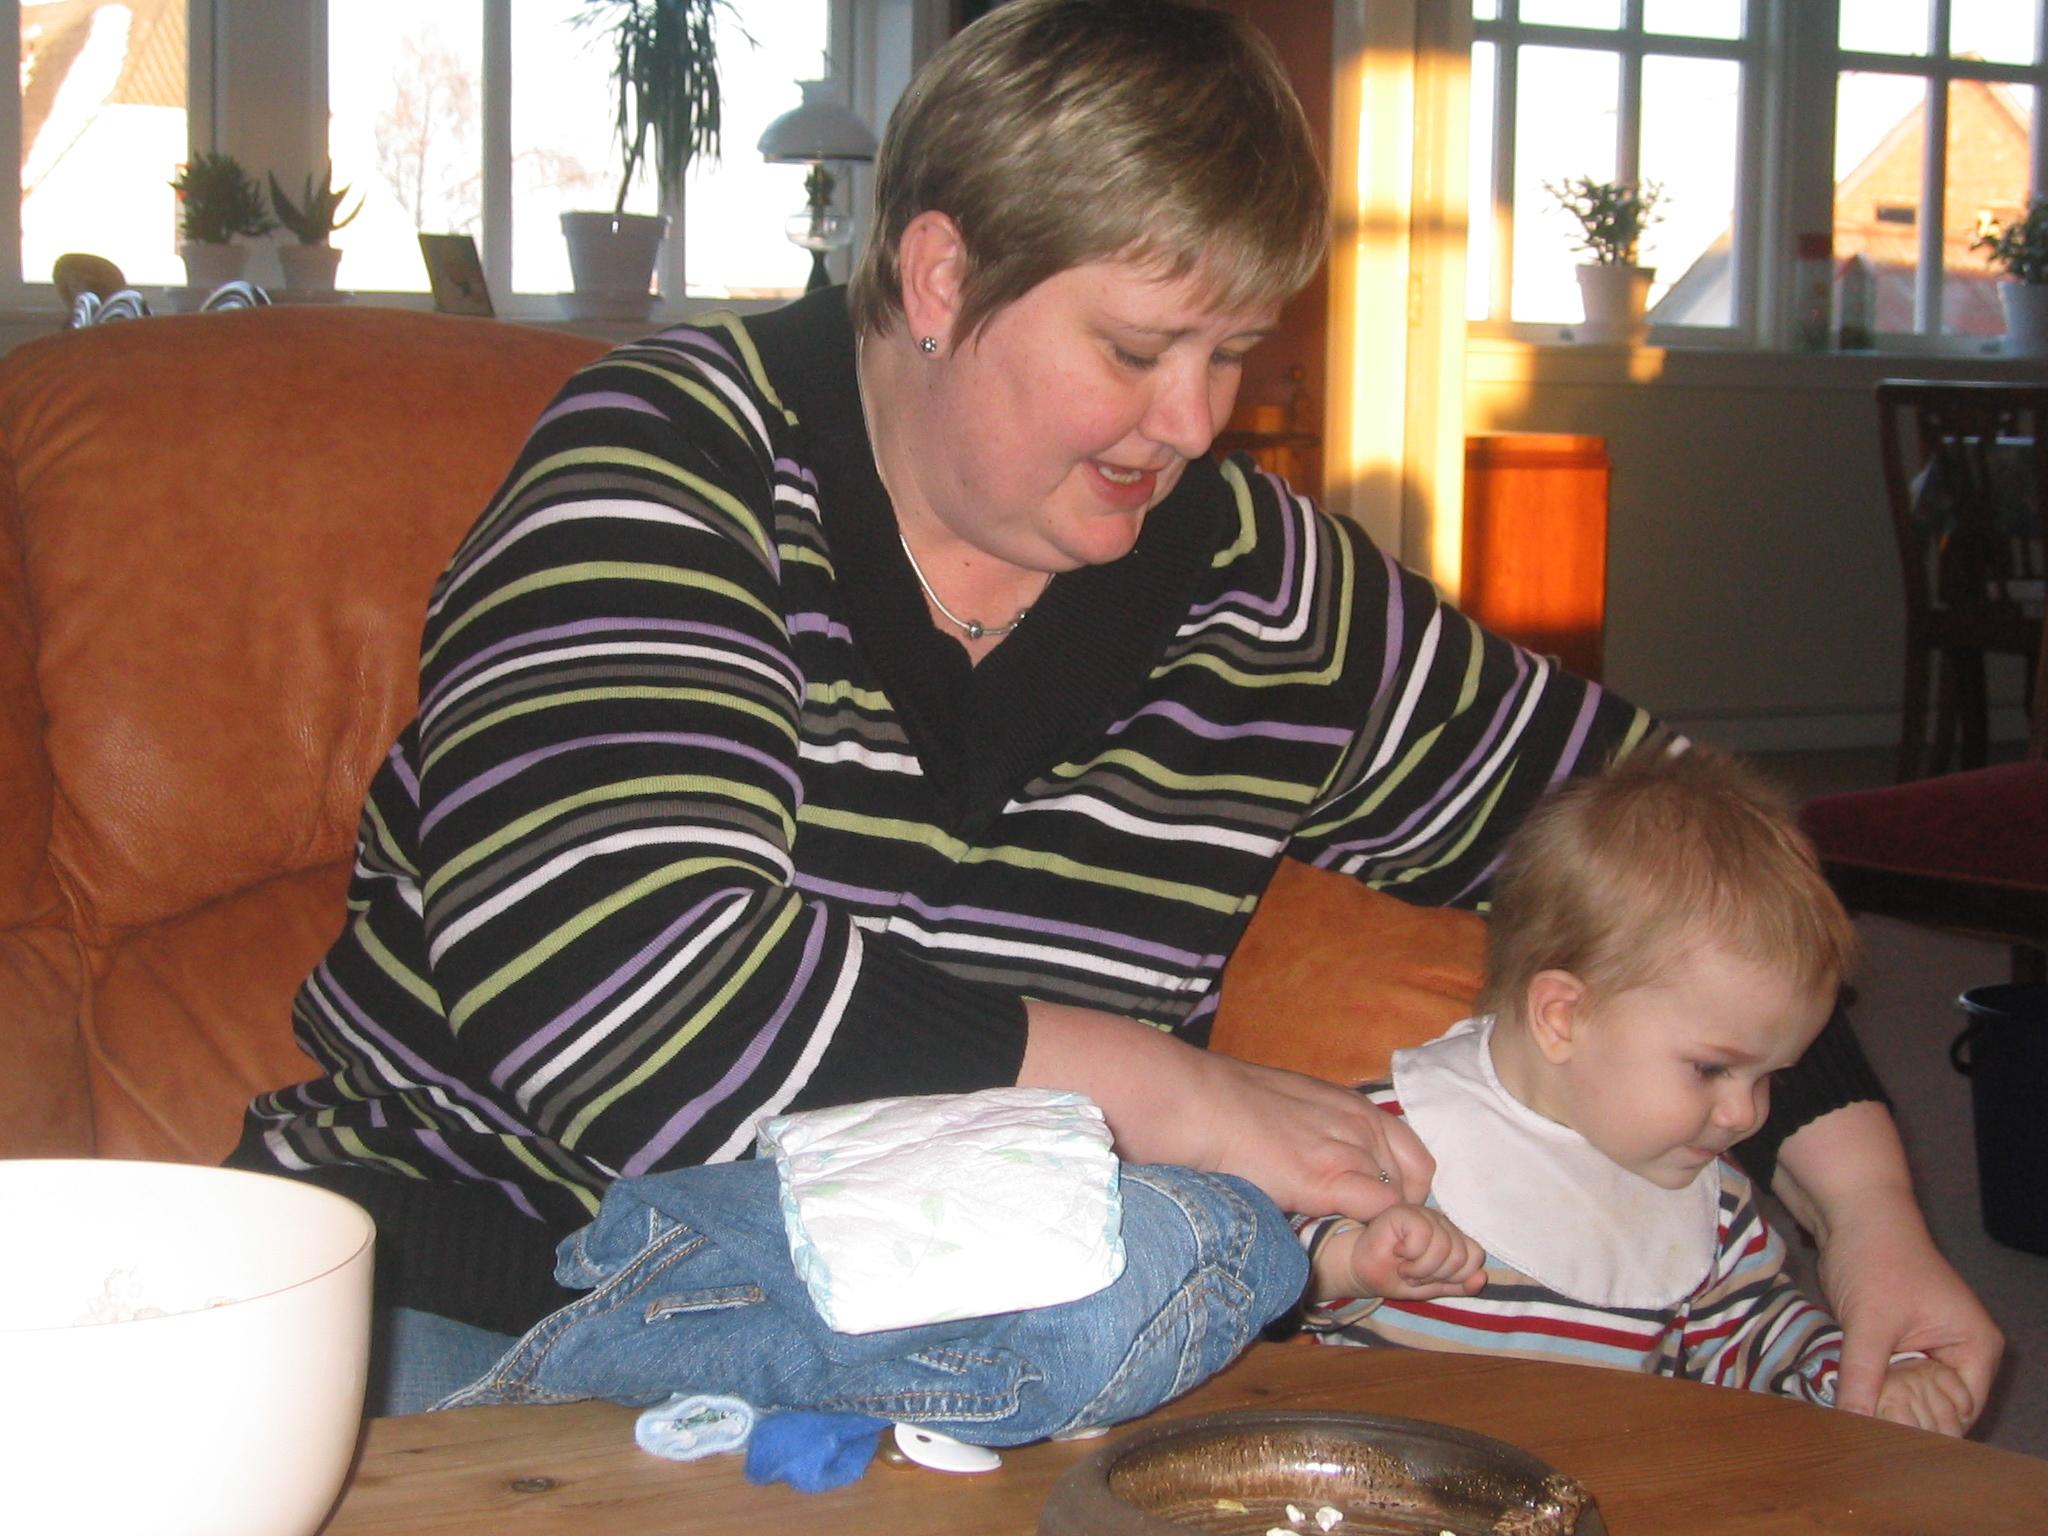 IMG_6989 FAMILIEN KRAGH PÅ BESØG 29-01-06 (10)